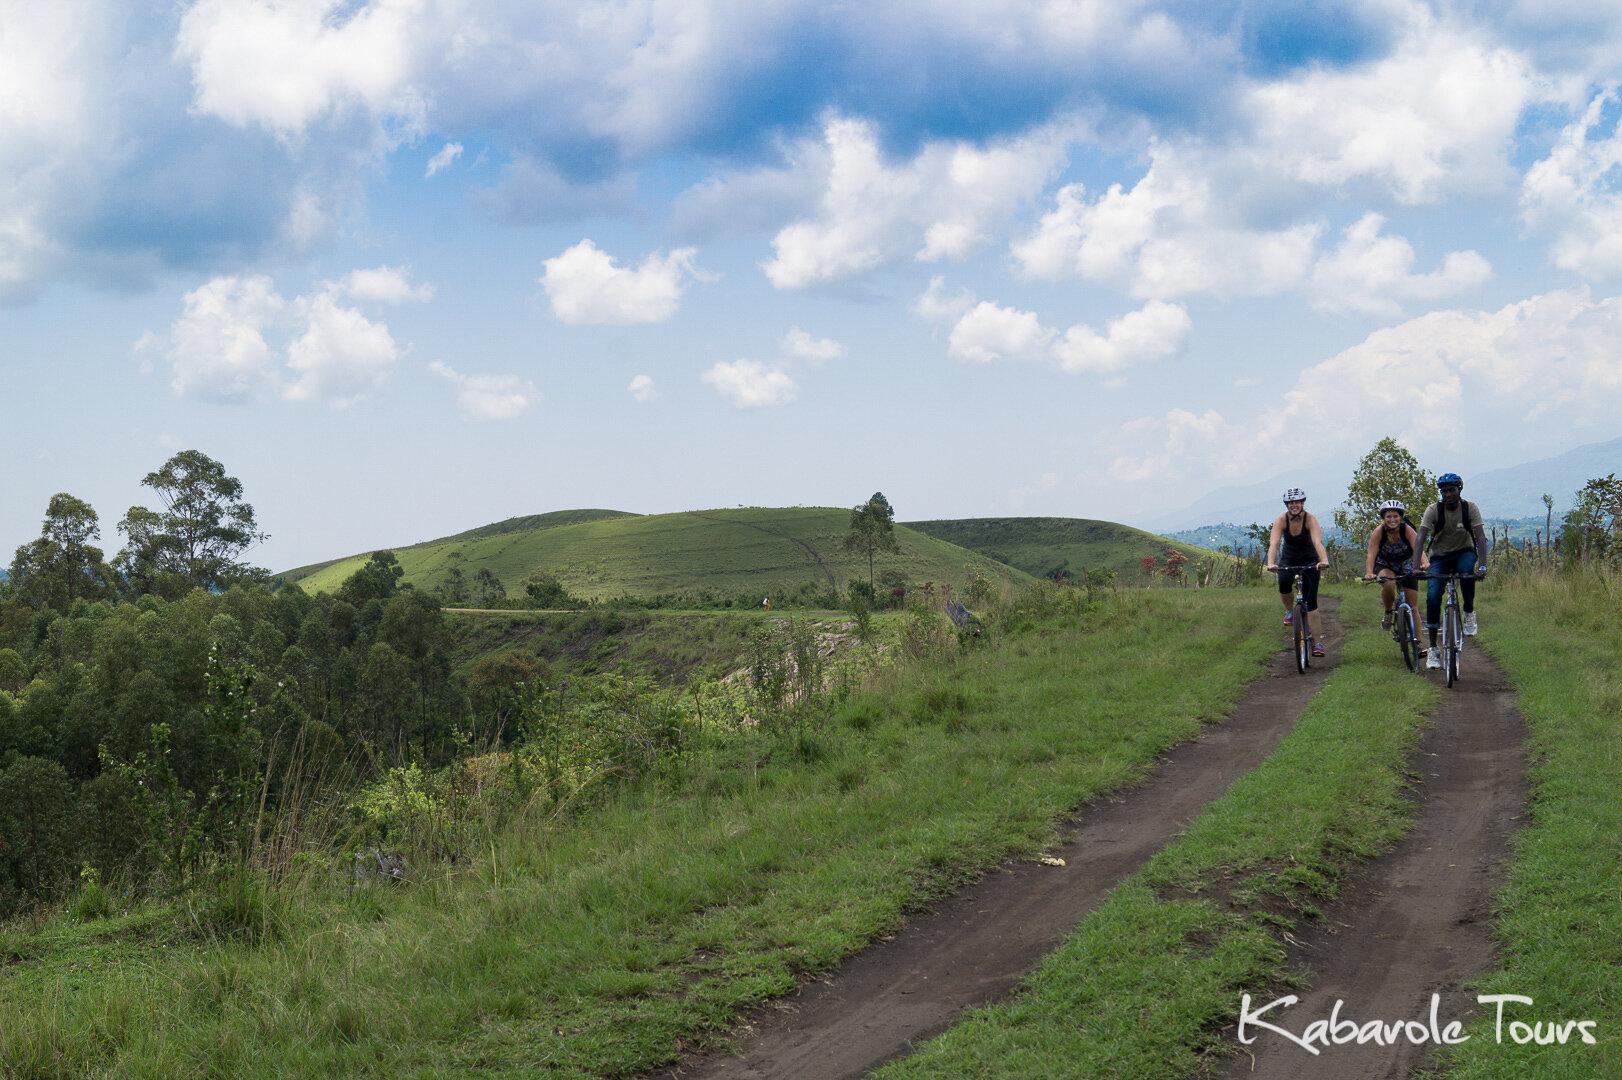 Kasenda Crater Lake Biking Tour